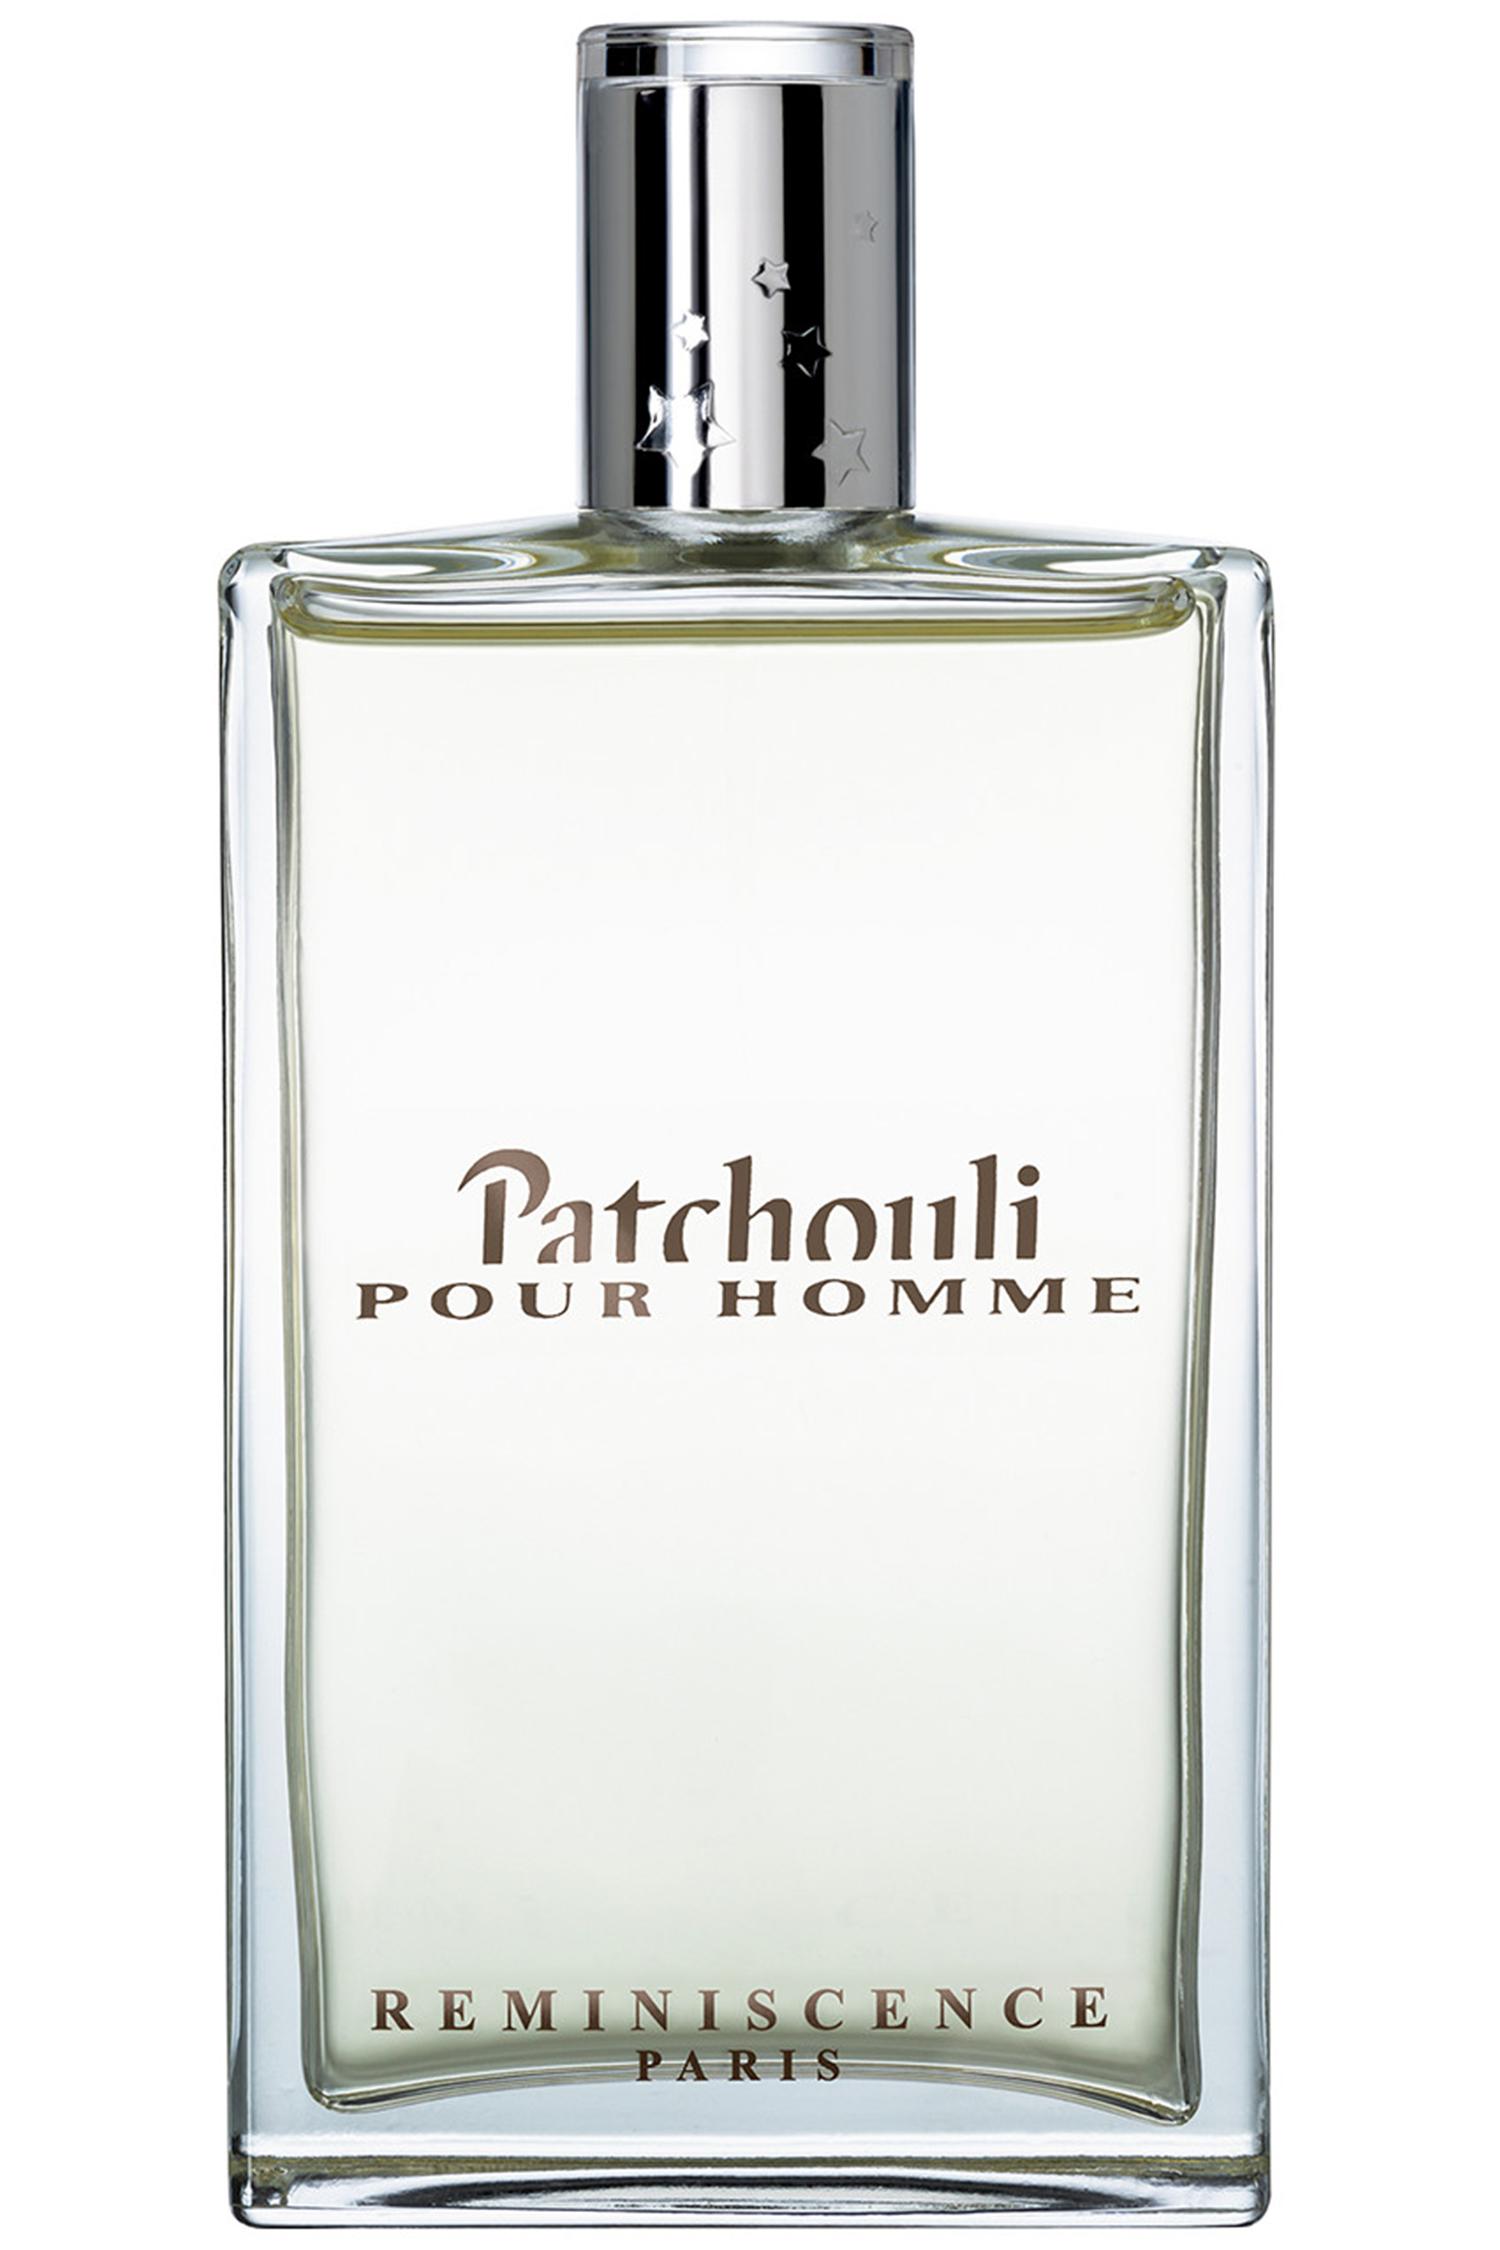 Xordwcbe Pour Parfum Reminiscence Homme De Du 100 Patchouli Ml Vente kwO8n0P